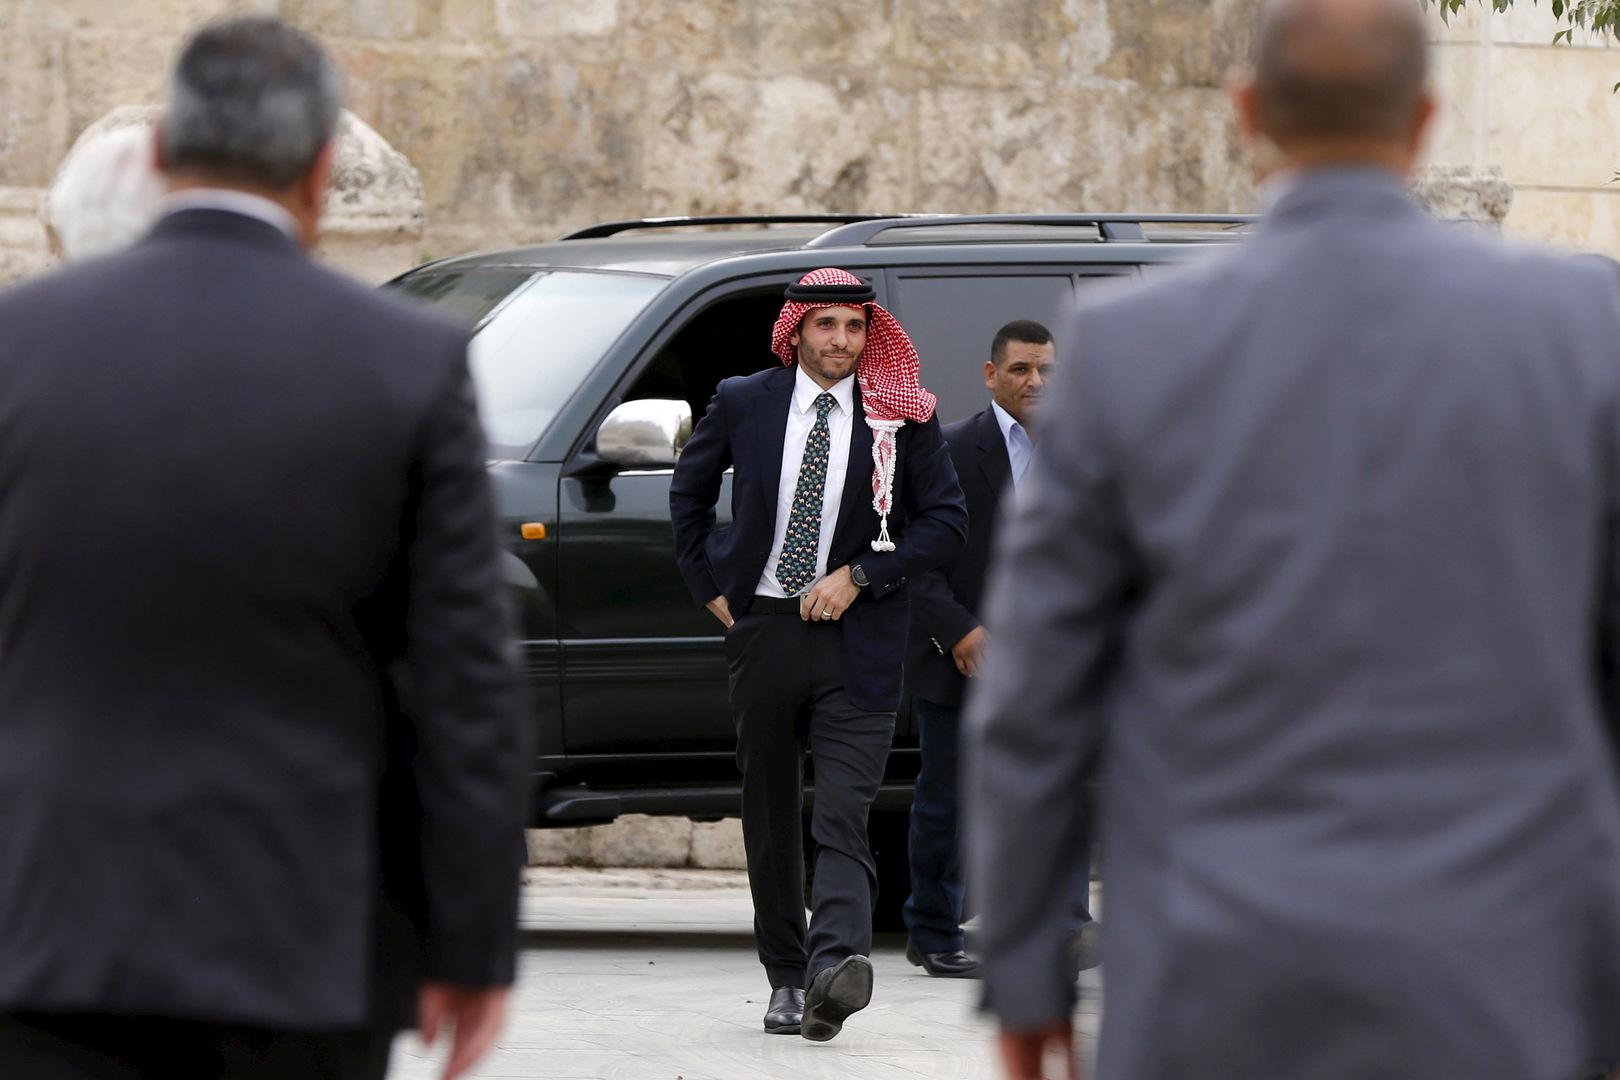 طلب شهادة الأمير حمزة وأمراء ورئيس الوزراء ووزير الخارجية في قضية